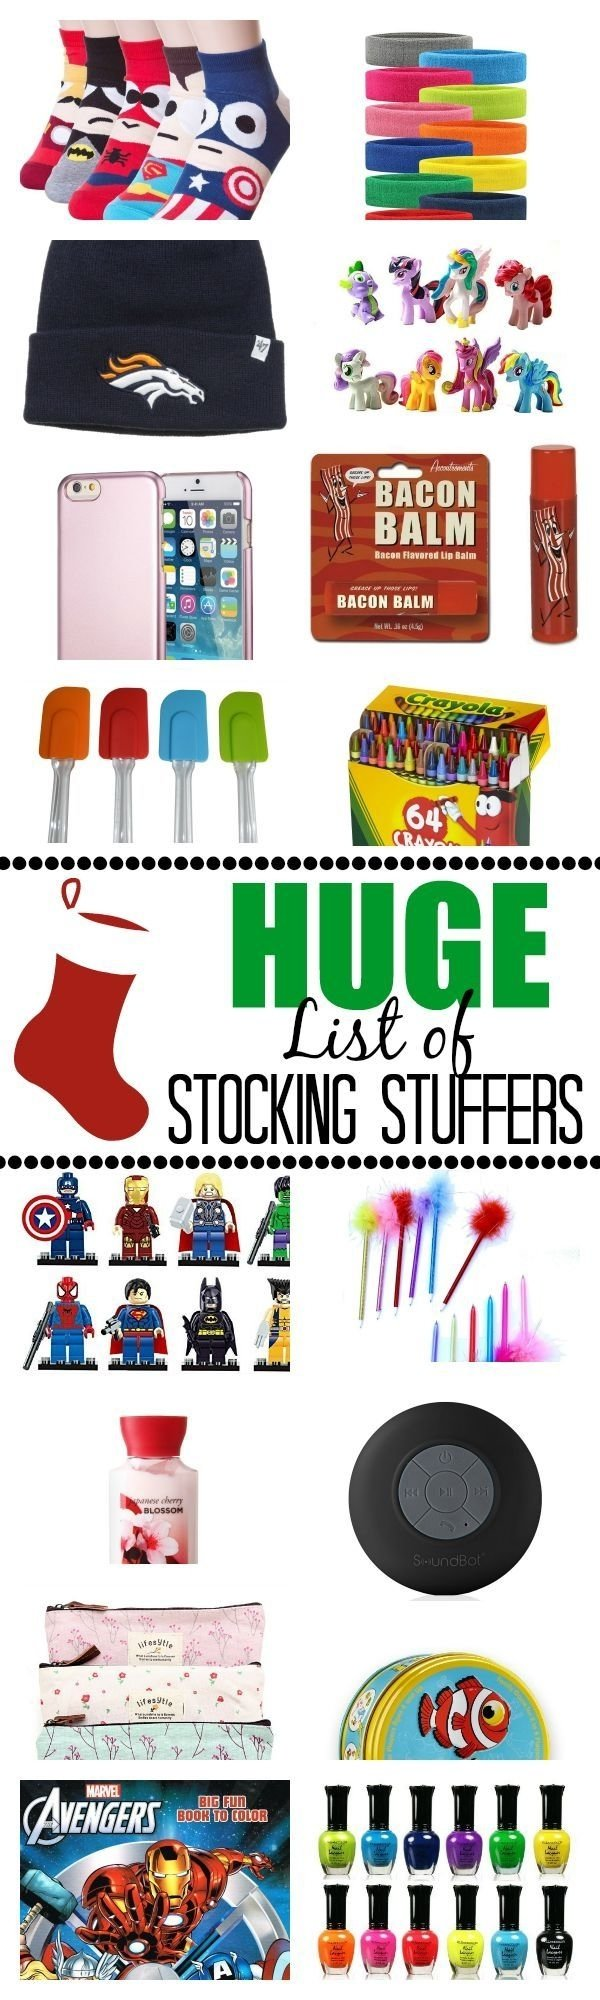 10 Spectacular Stocking Stuffer Ideas For Teenagers huge stocking stuffer ideas list fete noel fetes et noel 2020